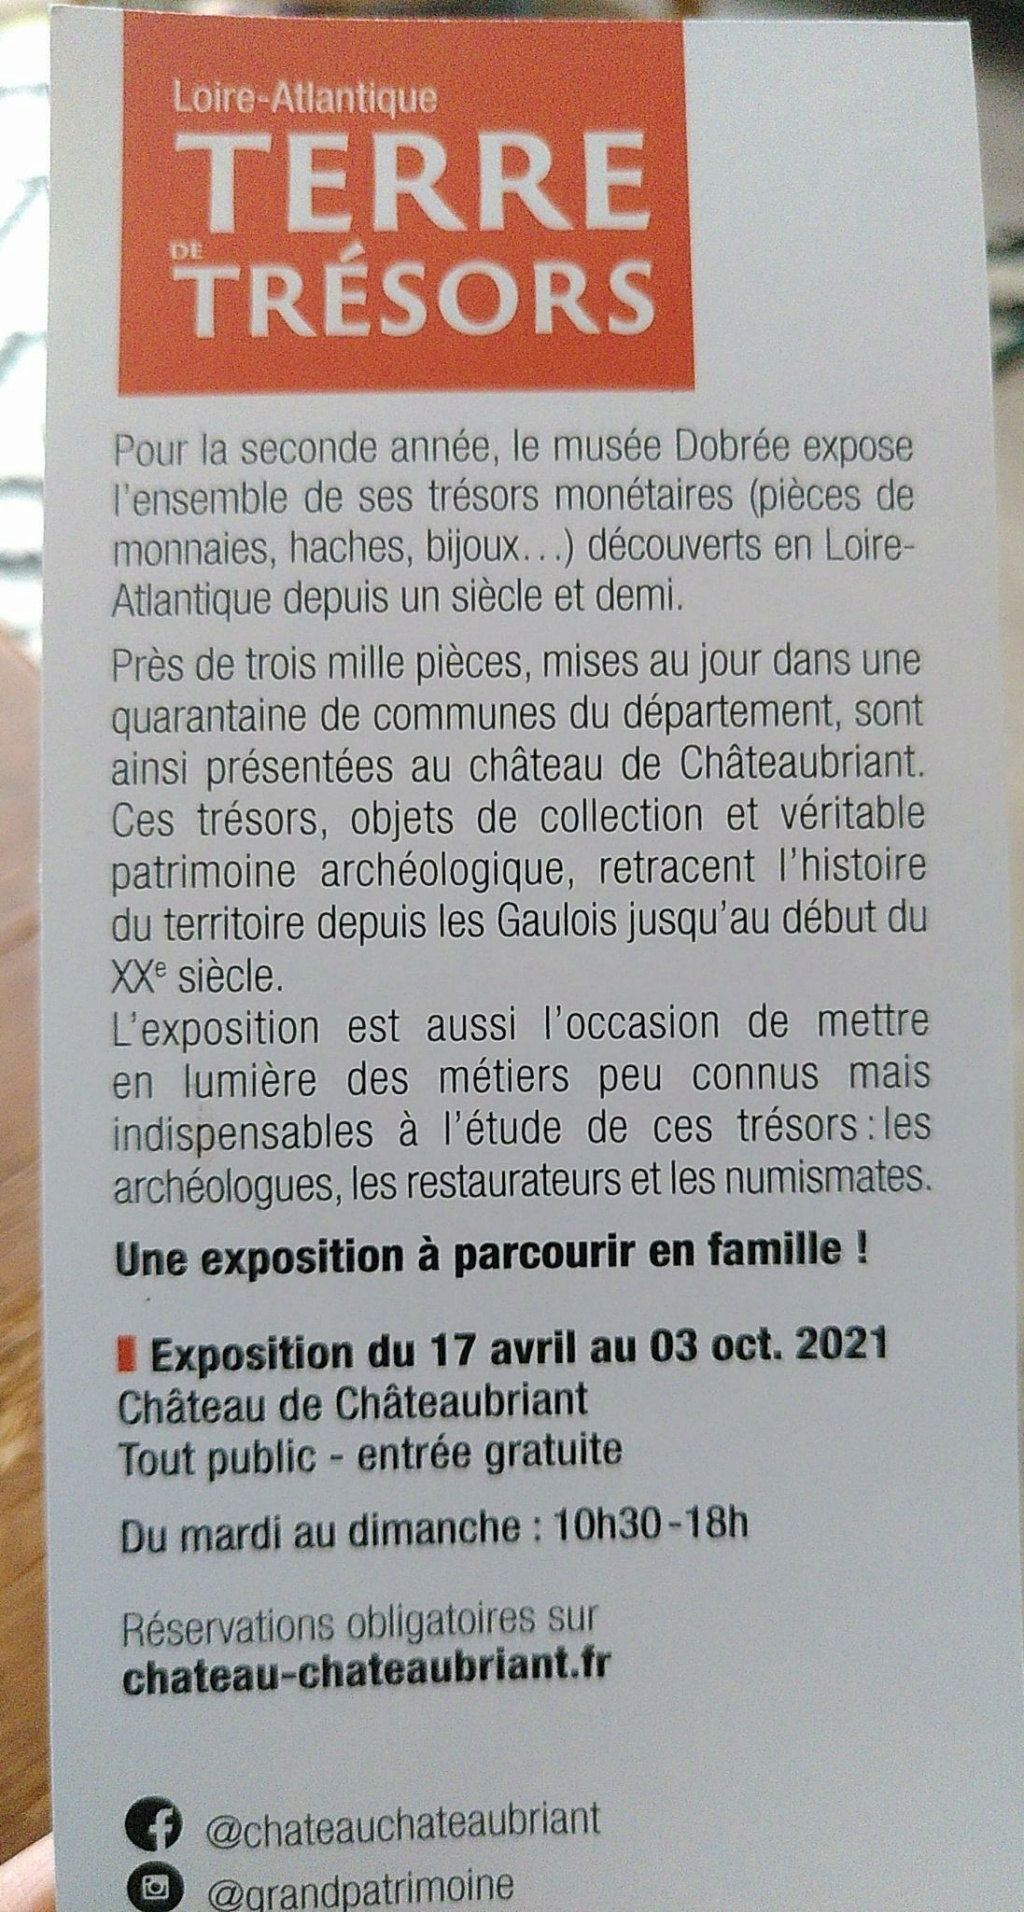 Une exposition à ne pas manquer, notamment pendant vos vacances dans l'ouest Image11